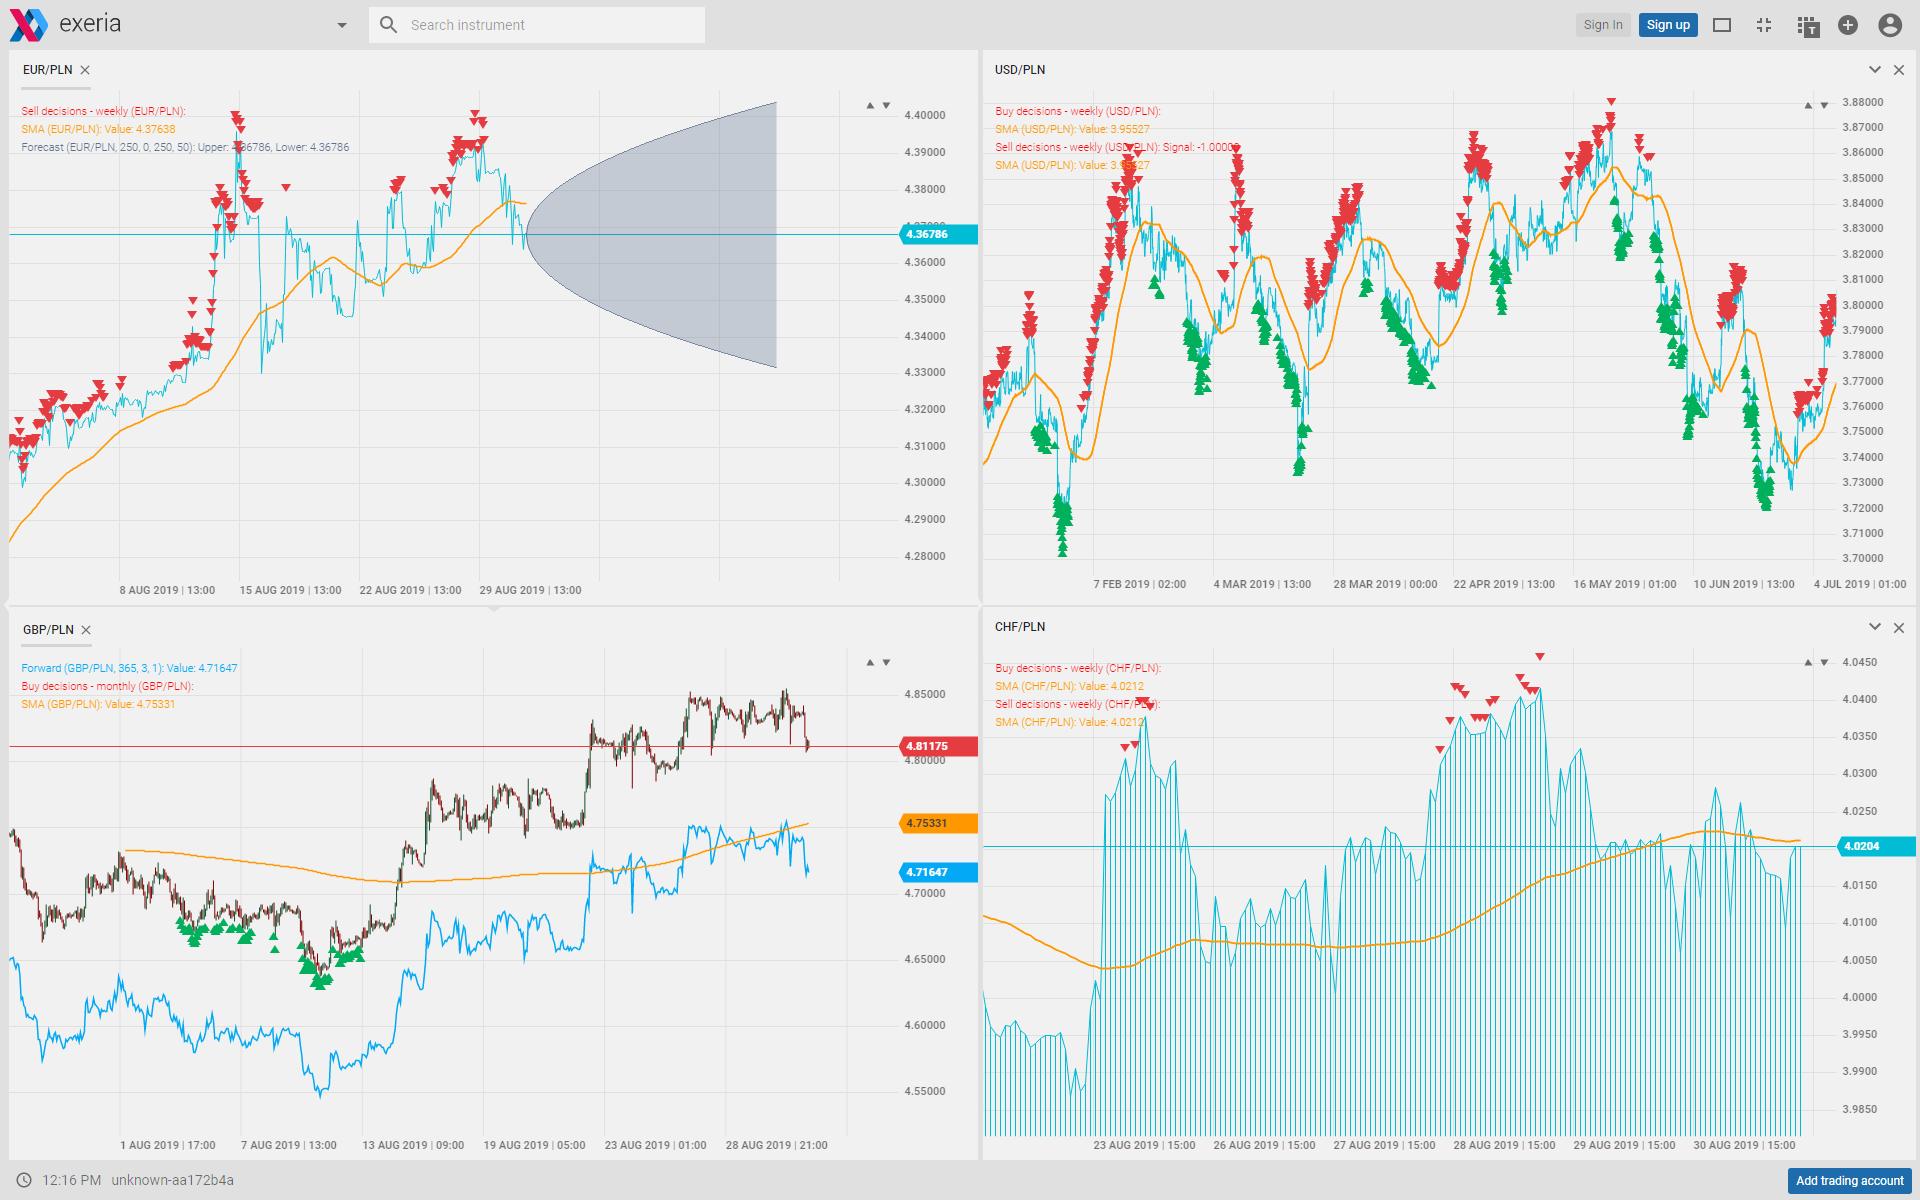 Narzędzia dla importerów i eksporterów, prognozy kursów, kiedy kupić walutę